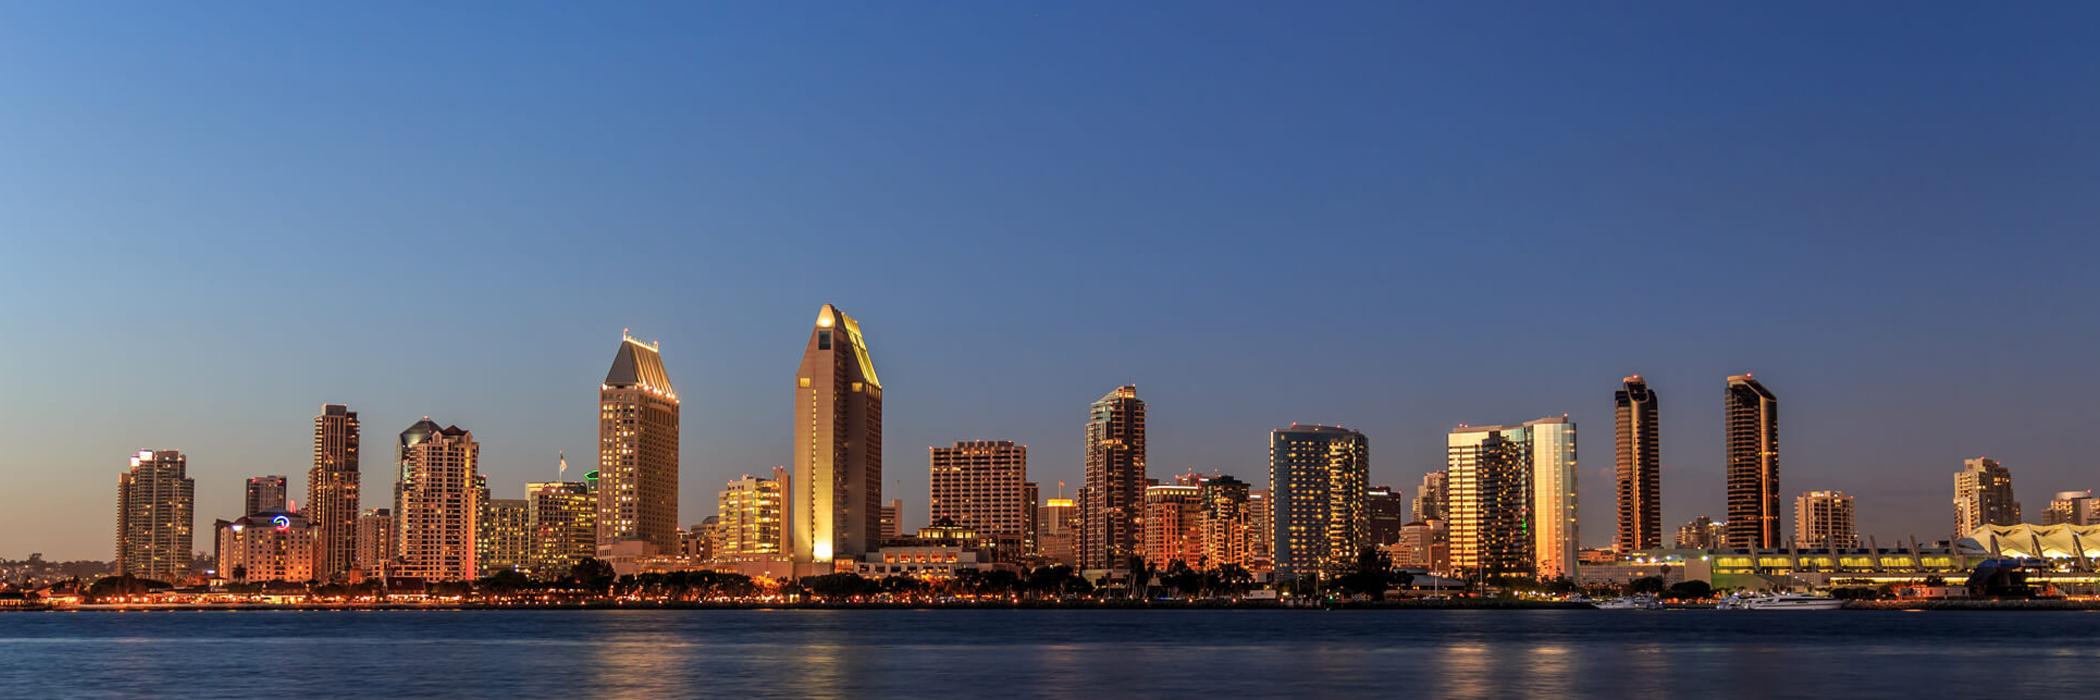 Mann Mortgage San Diego - California Home Loans